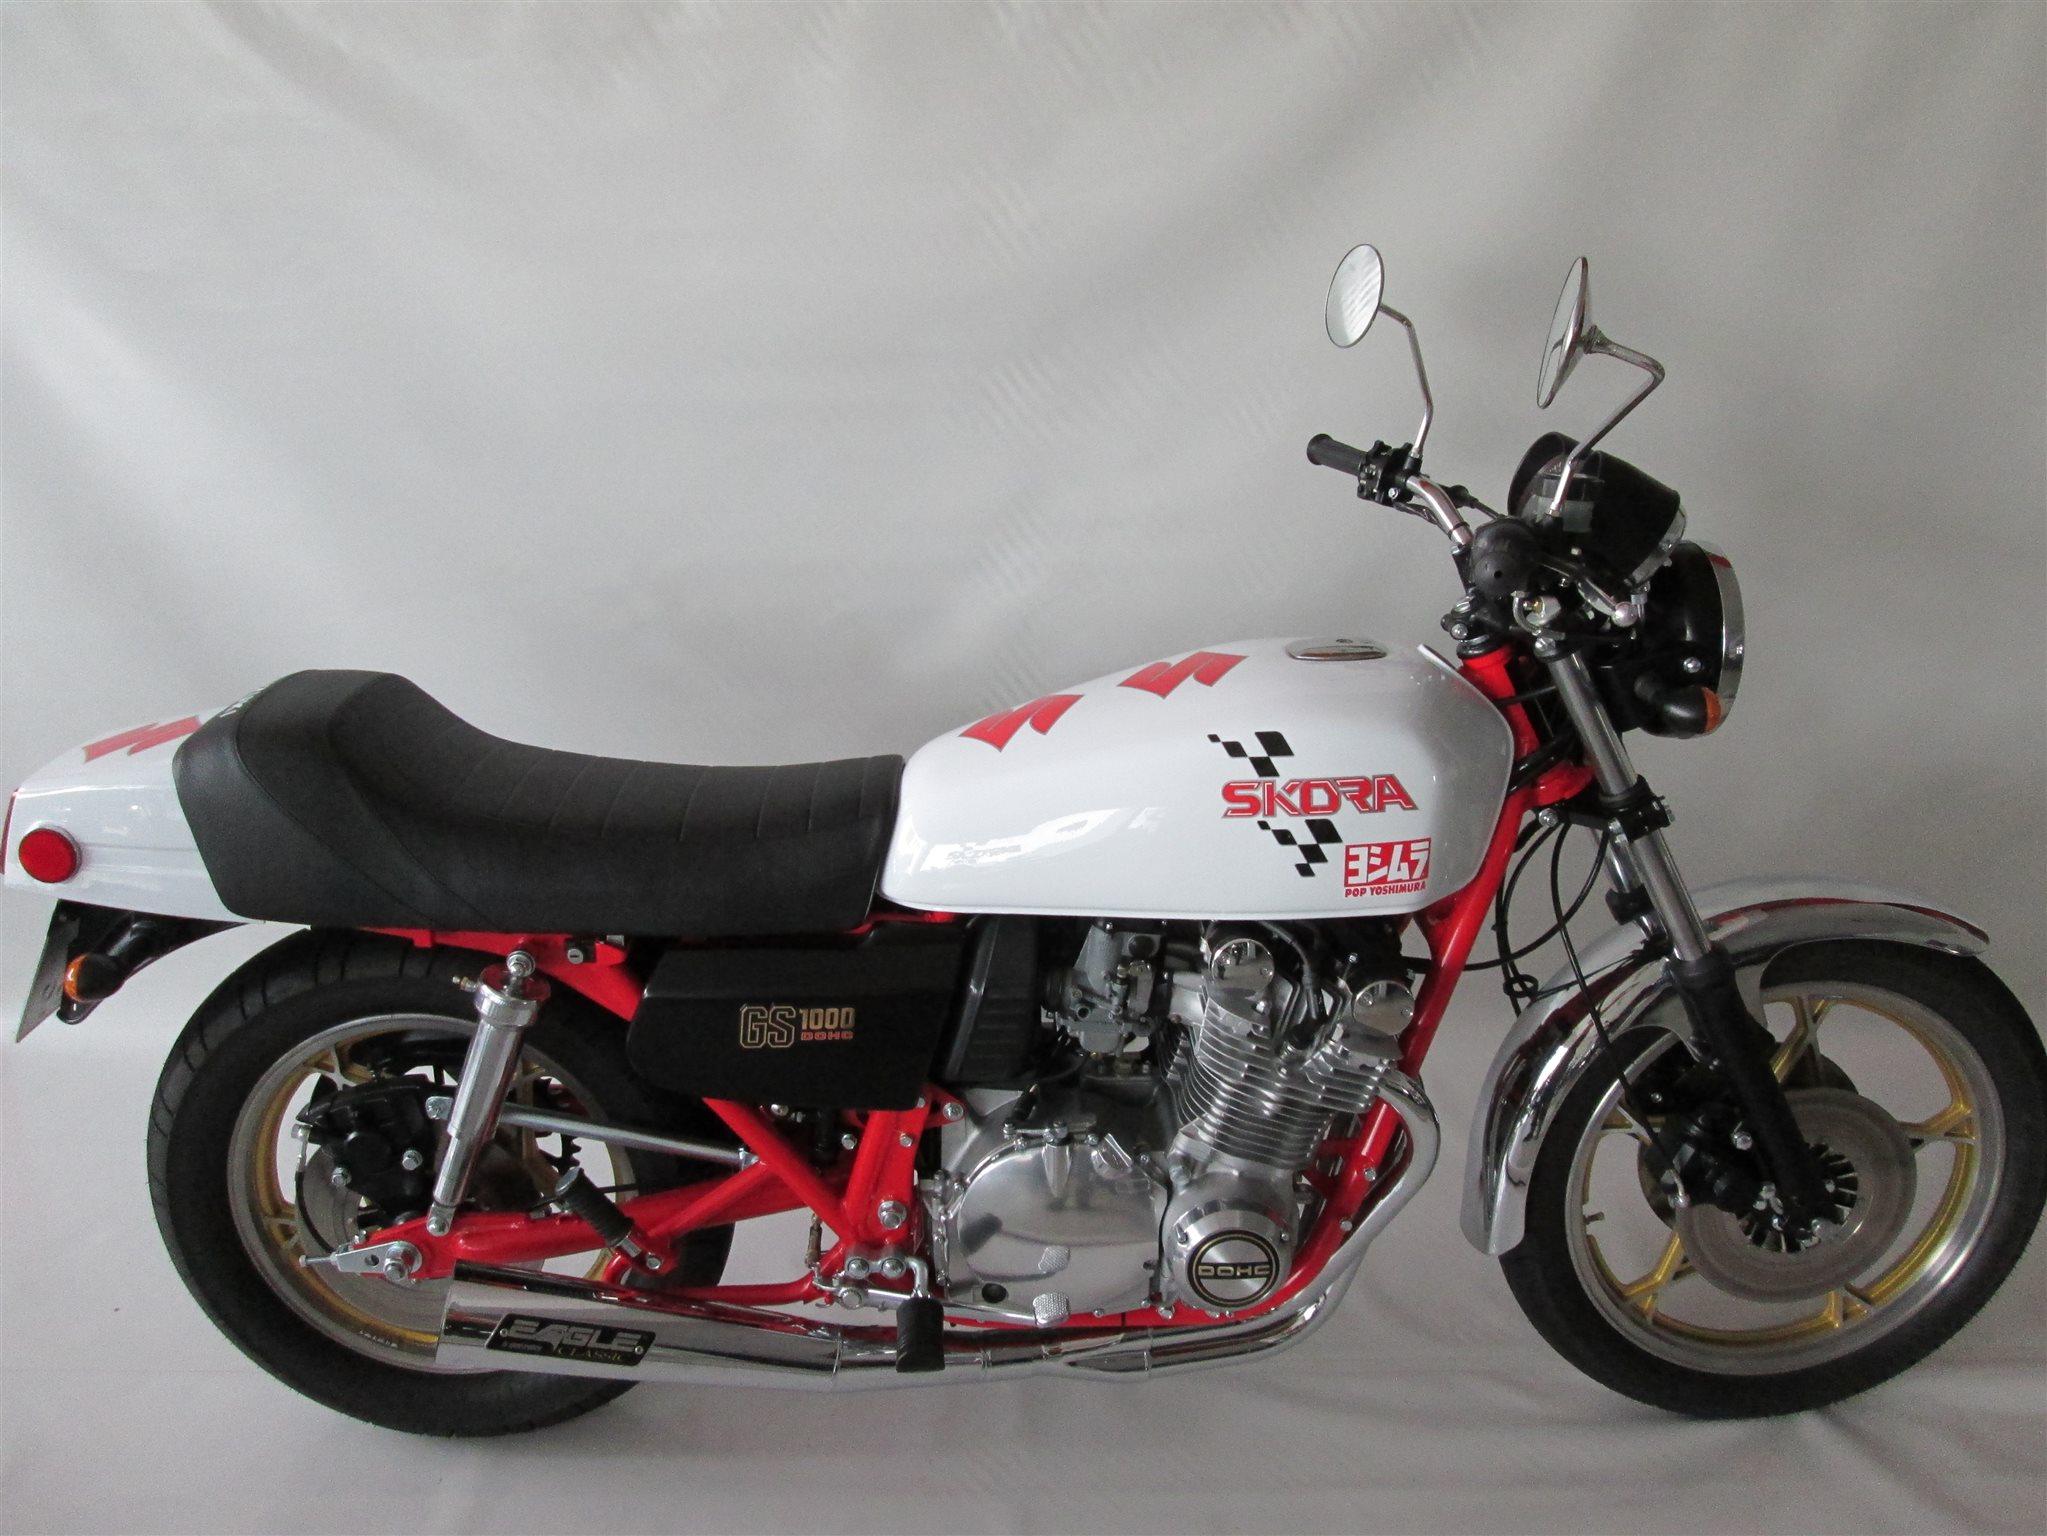 Umgebautes Motorrad Suzuki Gs 1000 Von Motorradservice Hartmut Skora Motorcycle Custom